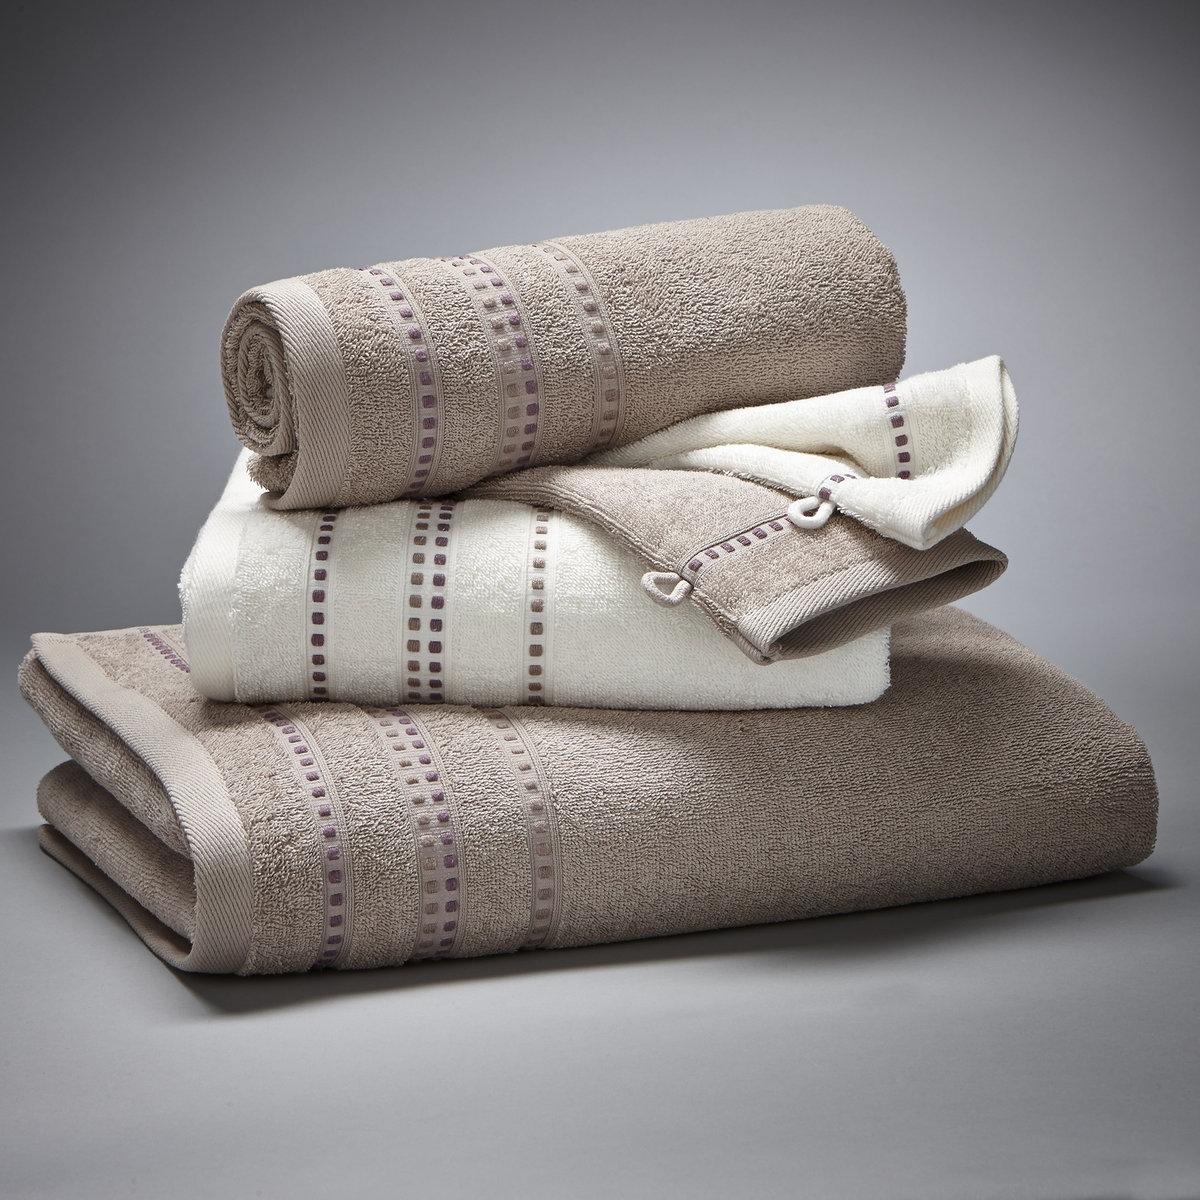 Комплект для ванной, 420 г/м?Комплект из 5 предметов: 1 банное полотенце, 2 стандартных полотенца и 2 банные рукавички. Все предметы прекрасно сочетаются между собой. Роскошь и изыск для Вашей ванной.Комплект с каймой из вискозной нити:- 1 однотонное банное полотенце размером 70 x 130 см- 2 стандартных полотенца (1 белое и 1 цветное) размером 50 x 90 см- 2 банные рукавички (1 белая и 1 цветная) размером 15 x 21 см.Махровая ткань из 100% хлопка, 420 г/м?.Материал долго сохраняет мягкость и прочность. Превосходная стойкость цвета при стирке 60°.Машинная сушка.<br><br>Цвет: бежевый